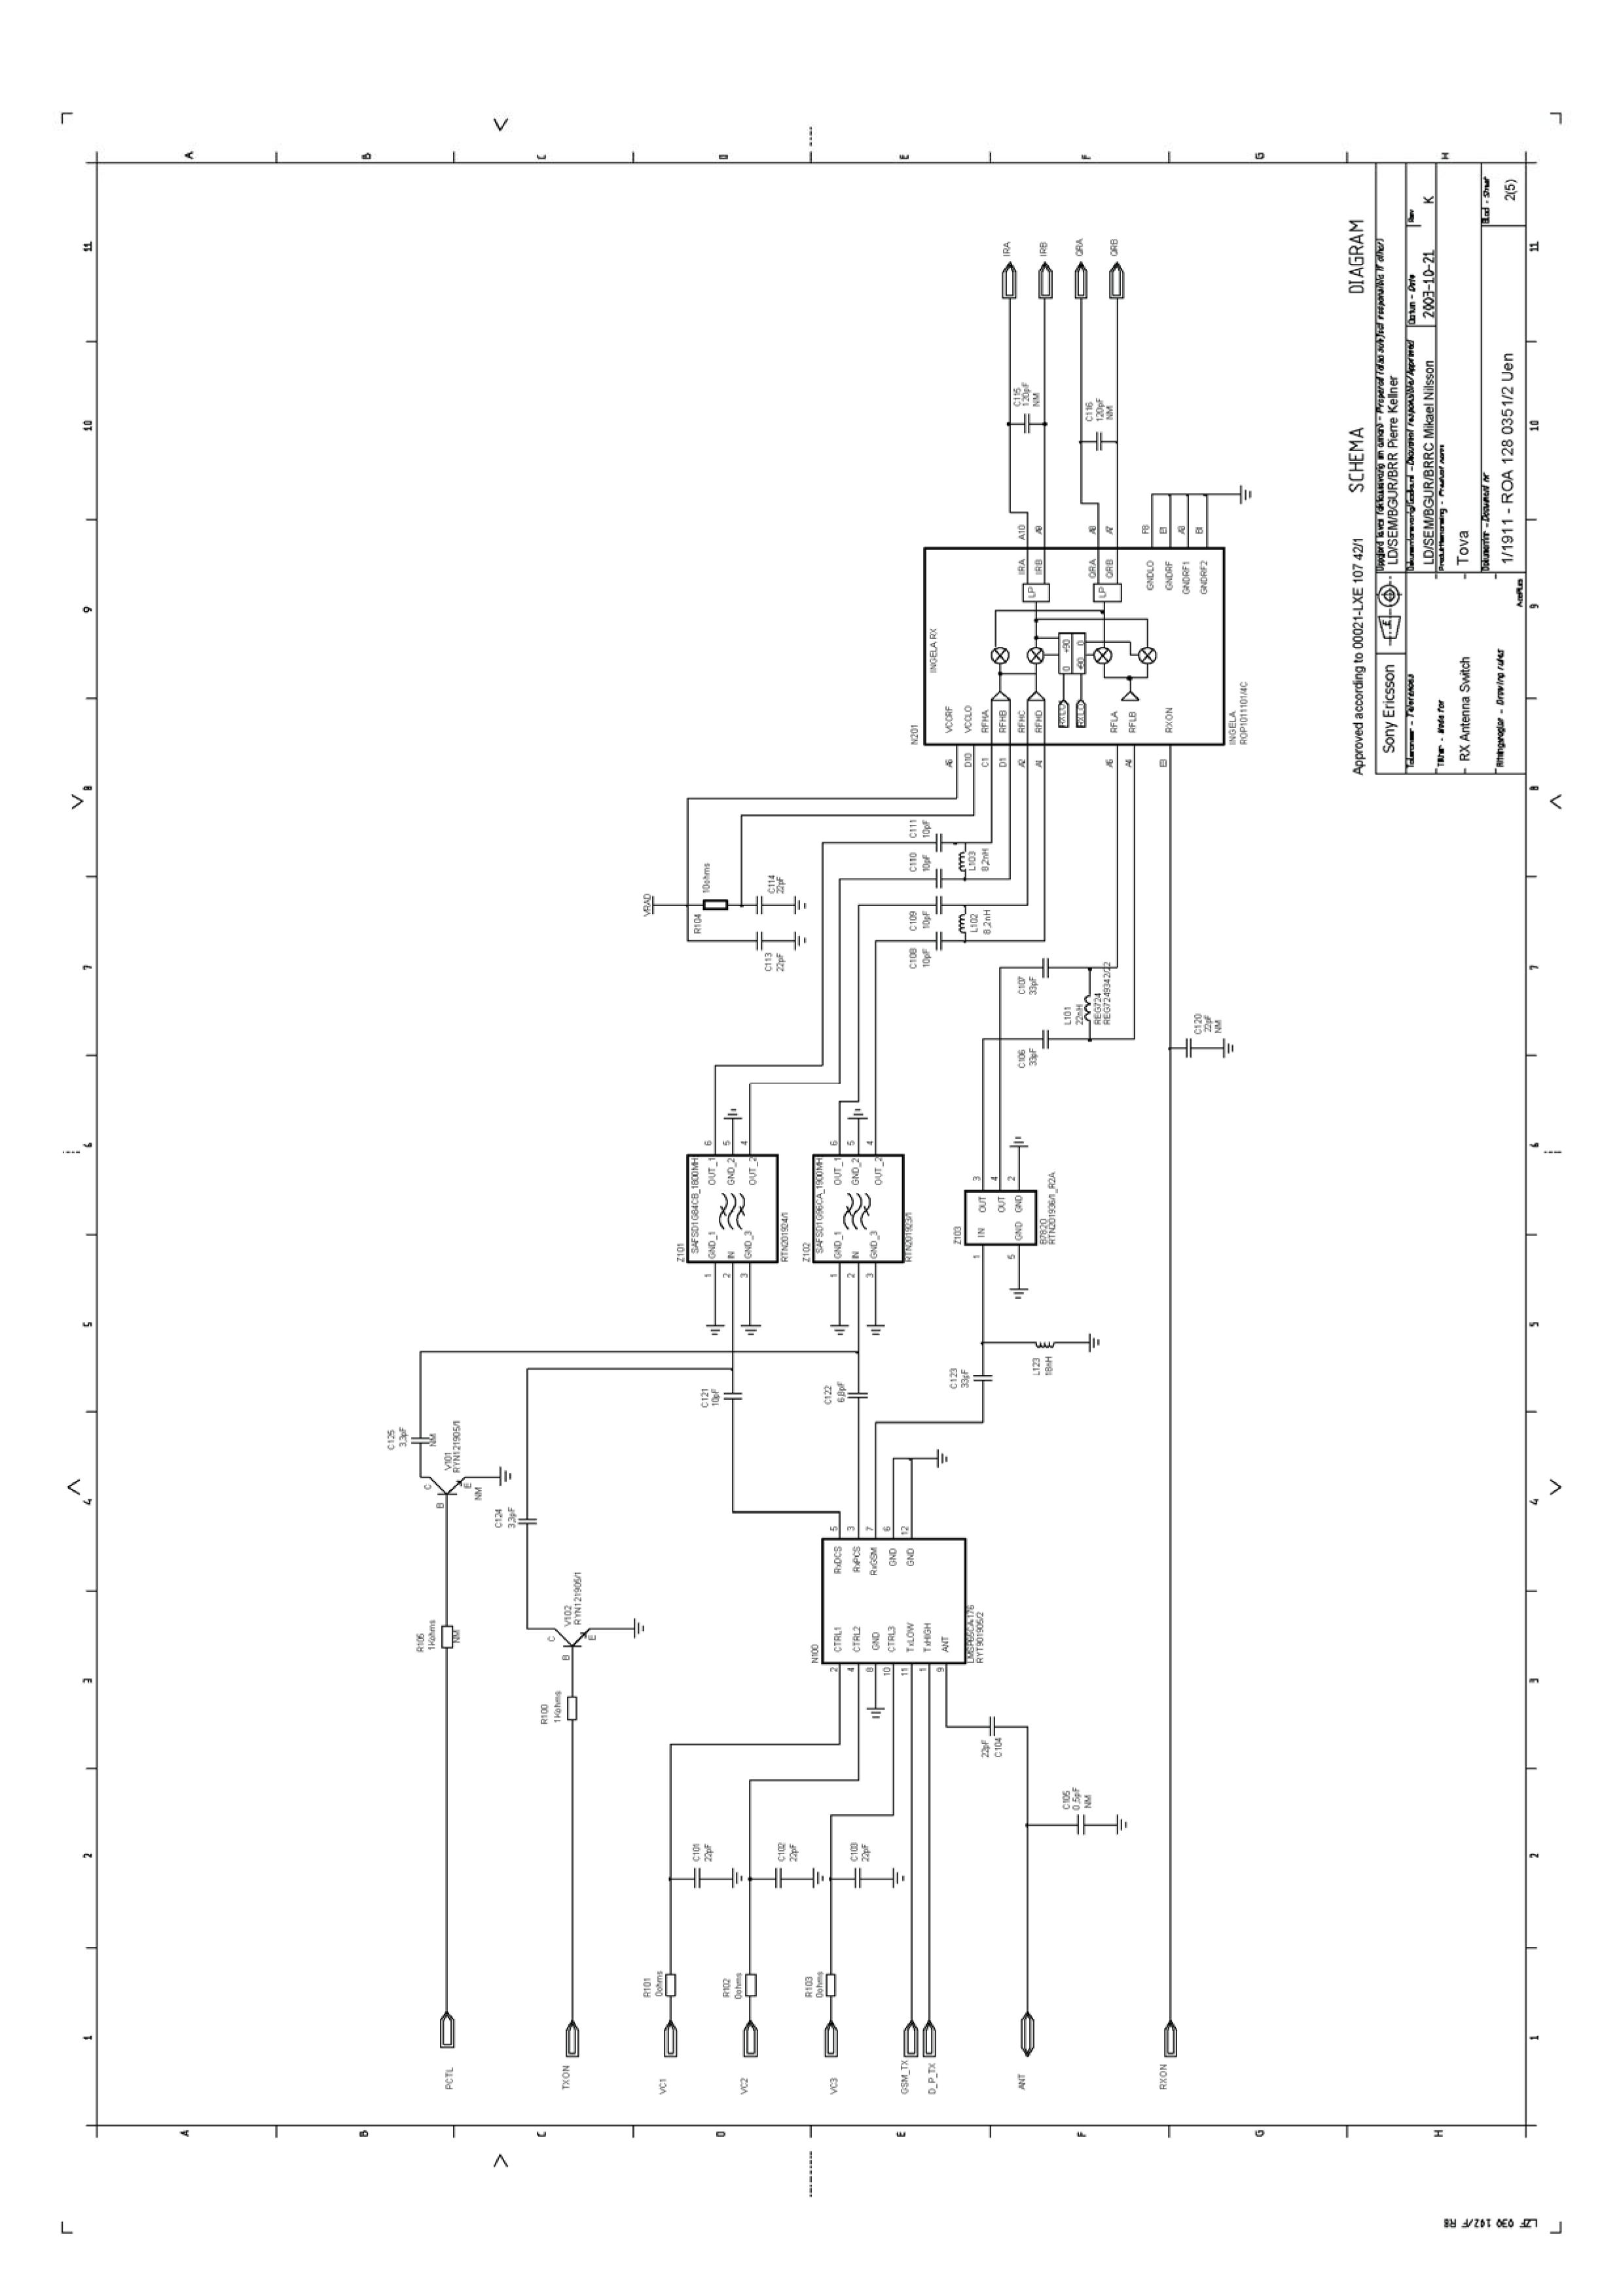 Sony-Eriсsson Datasheet. Схемы и сервис-мануалы мобильных